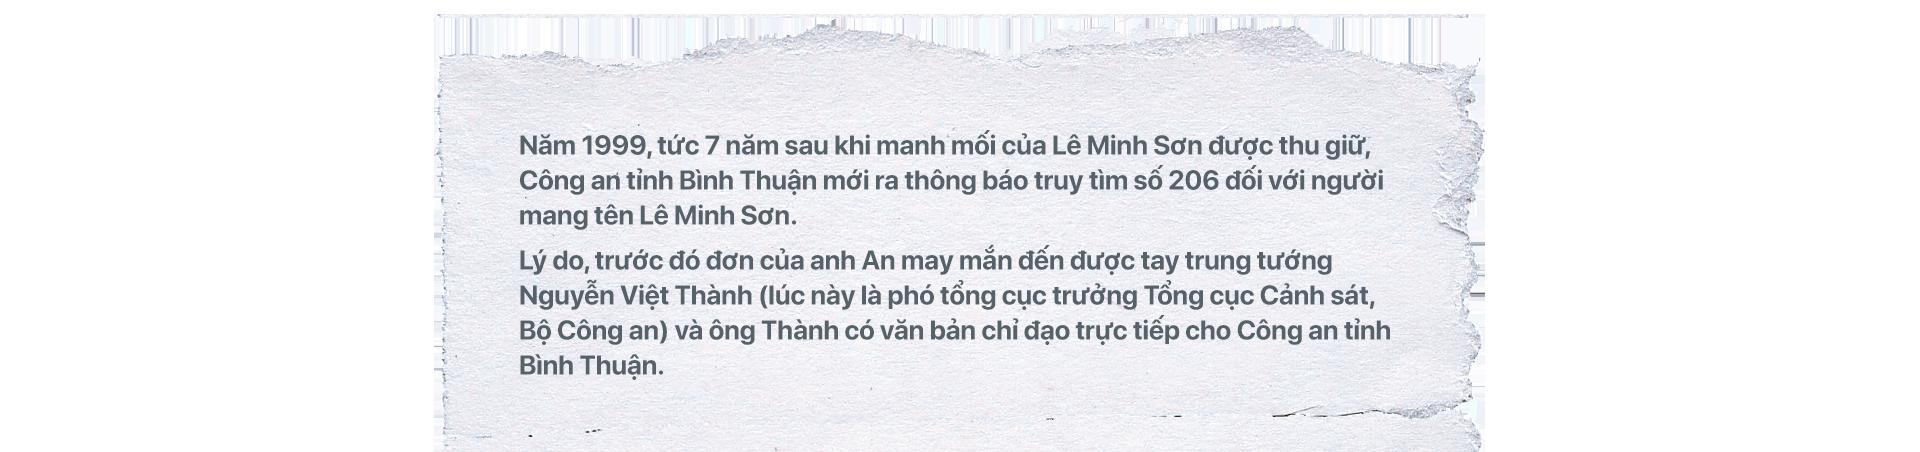 - Ảnh 6.